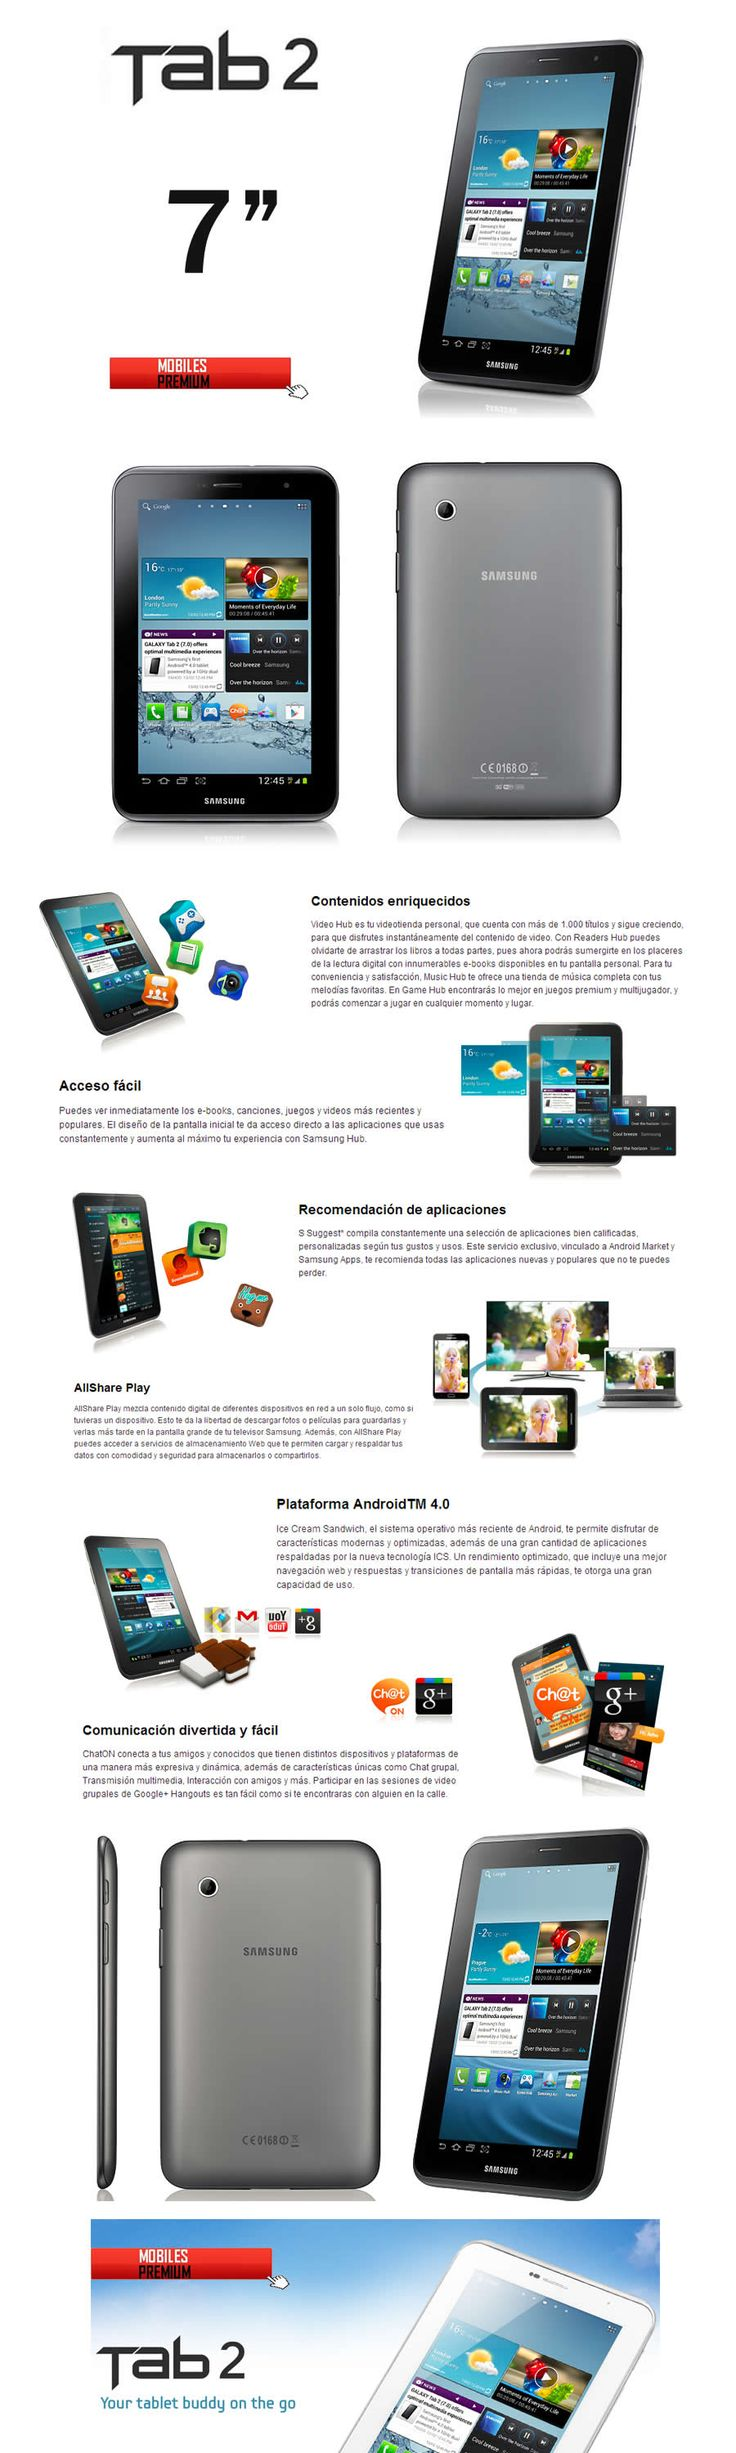 Comprar tablet samsung galaxy tab2 7.0 | venta de samsung galaxy tab 2 Argentina